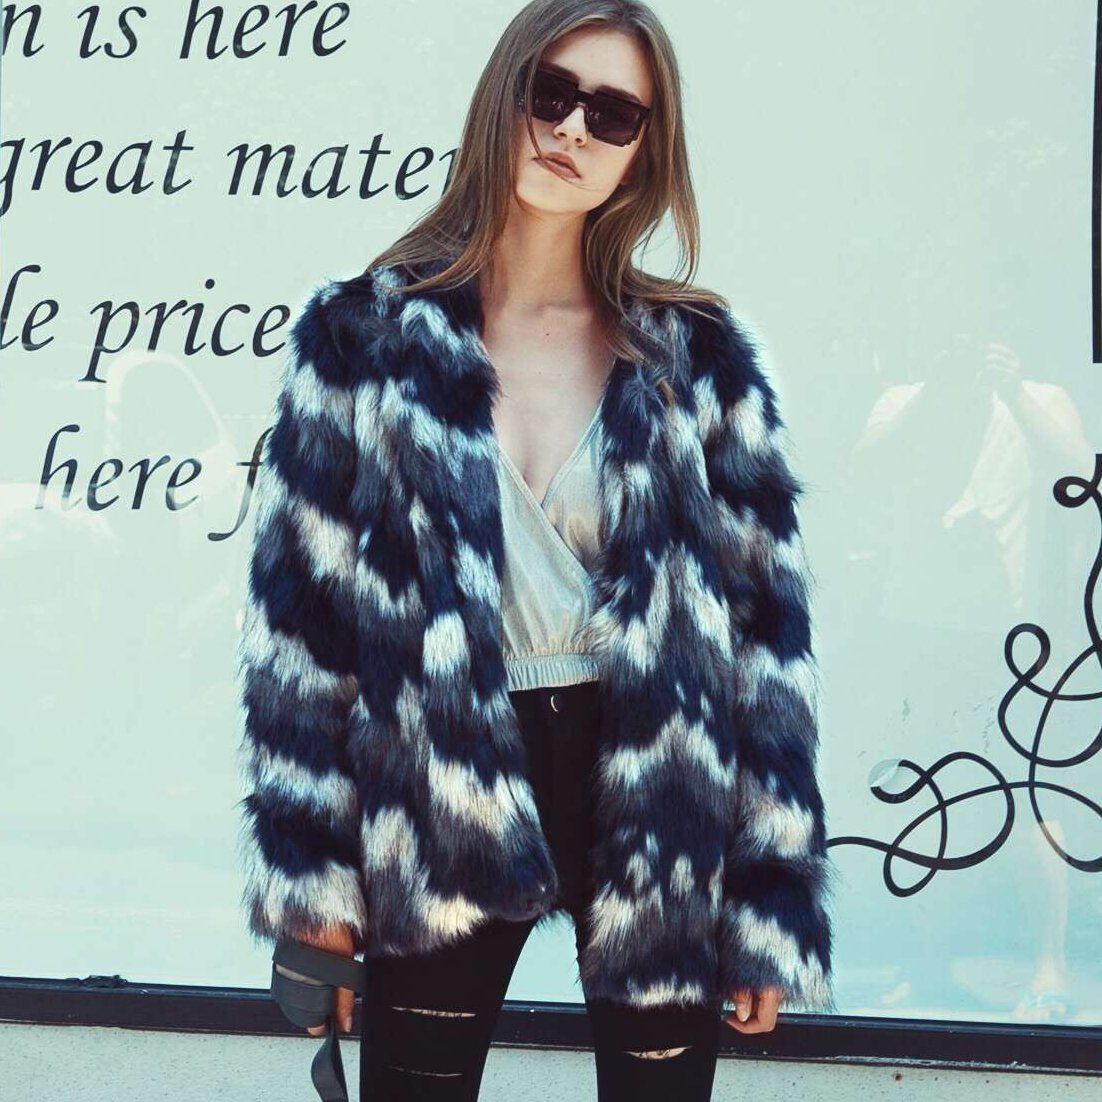 VLUNT Mujer Abrigos de Pieles Chaqueta Invierno Abrigo de Pelo Sintética de Fox Chaqueta Capa Abrigo Largo Fur Coat: Amazon.es: Ropa y accesorios